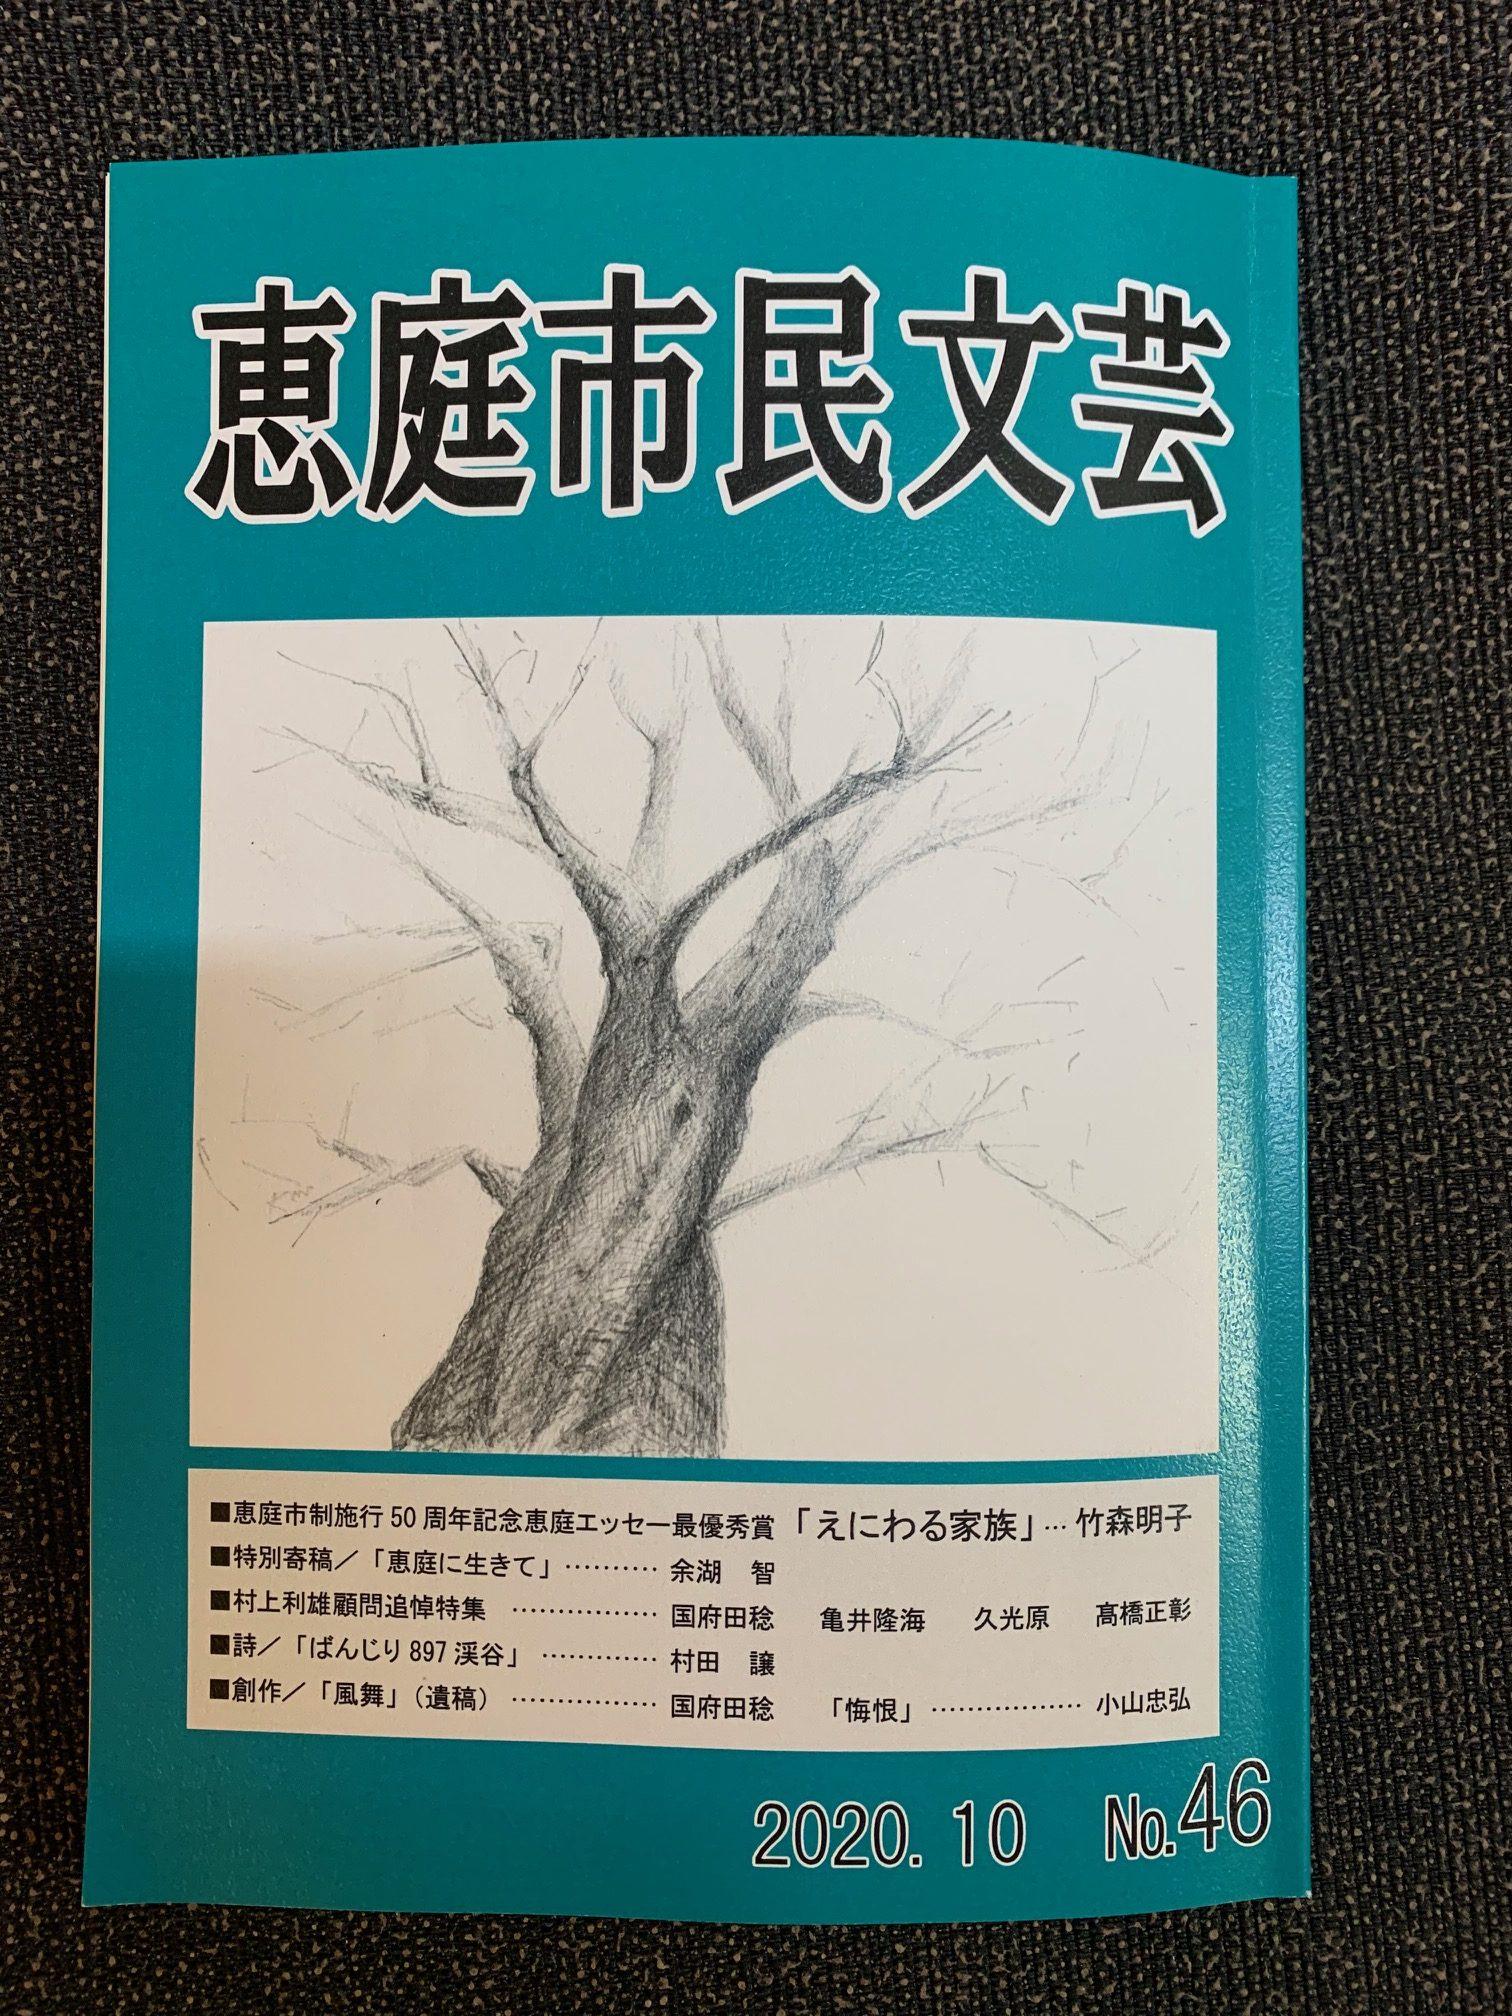 恵庭市民文芸第46号の発行